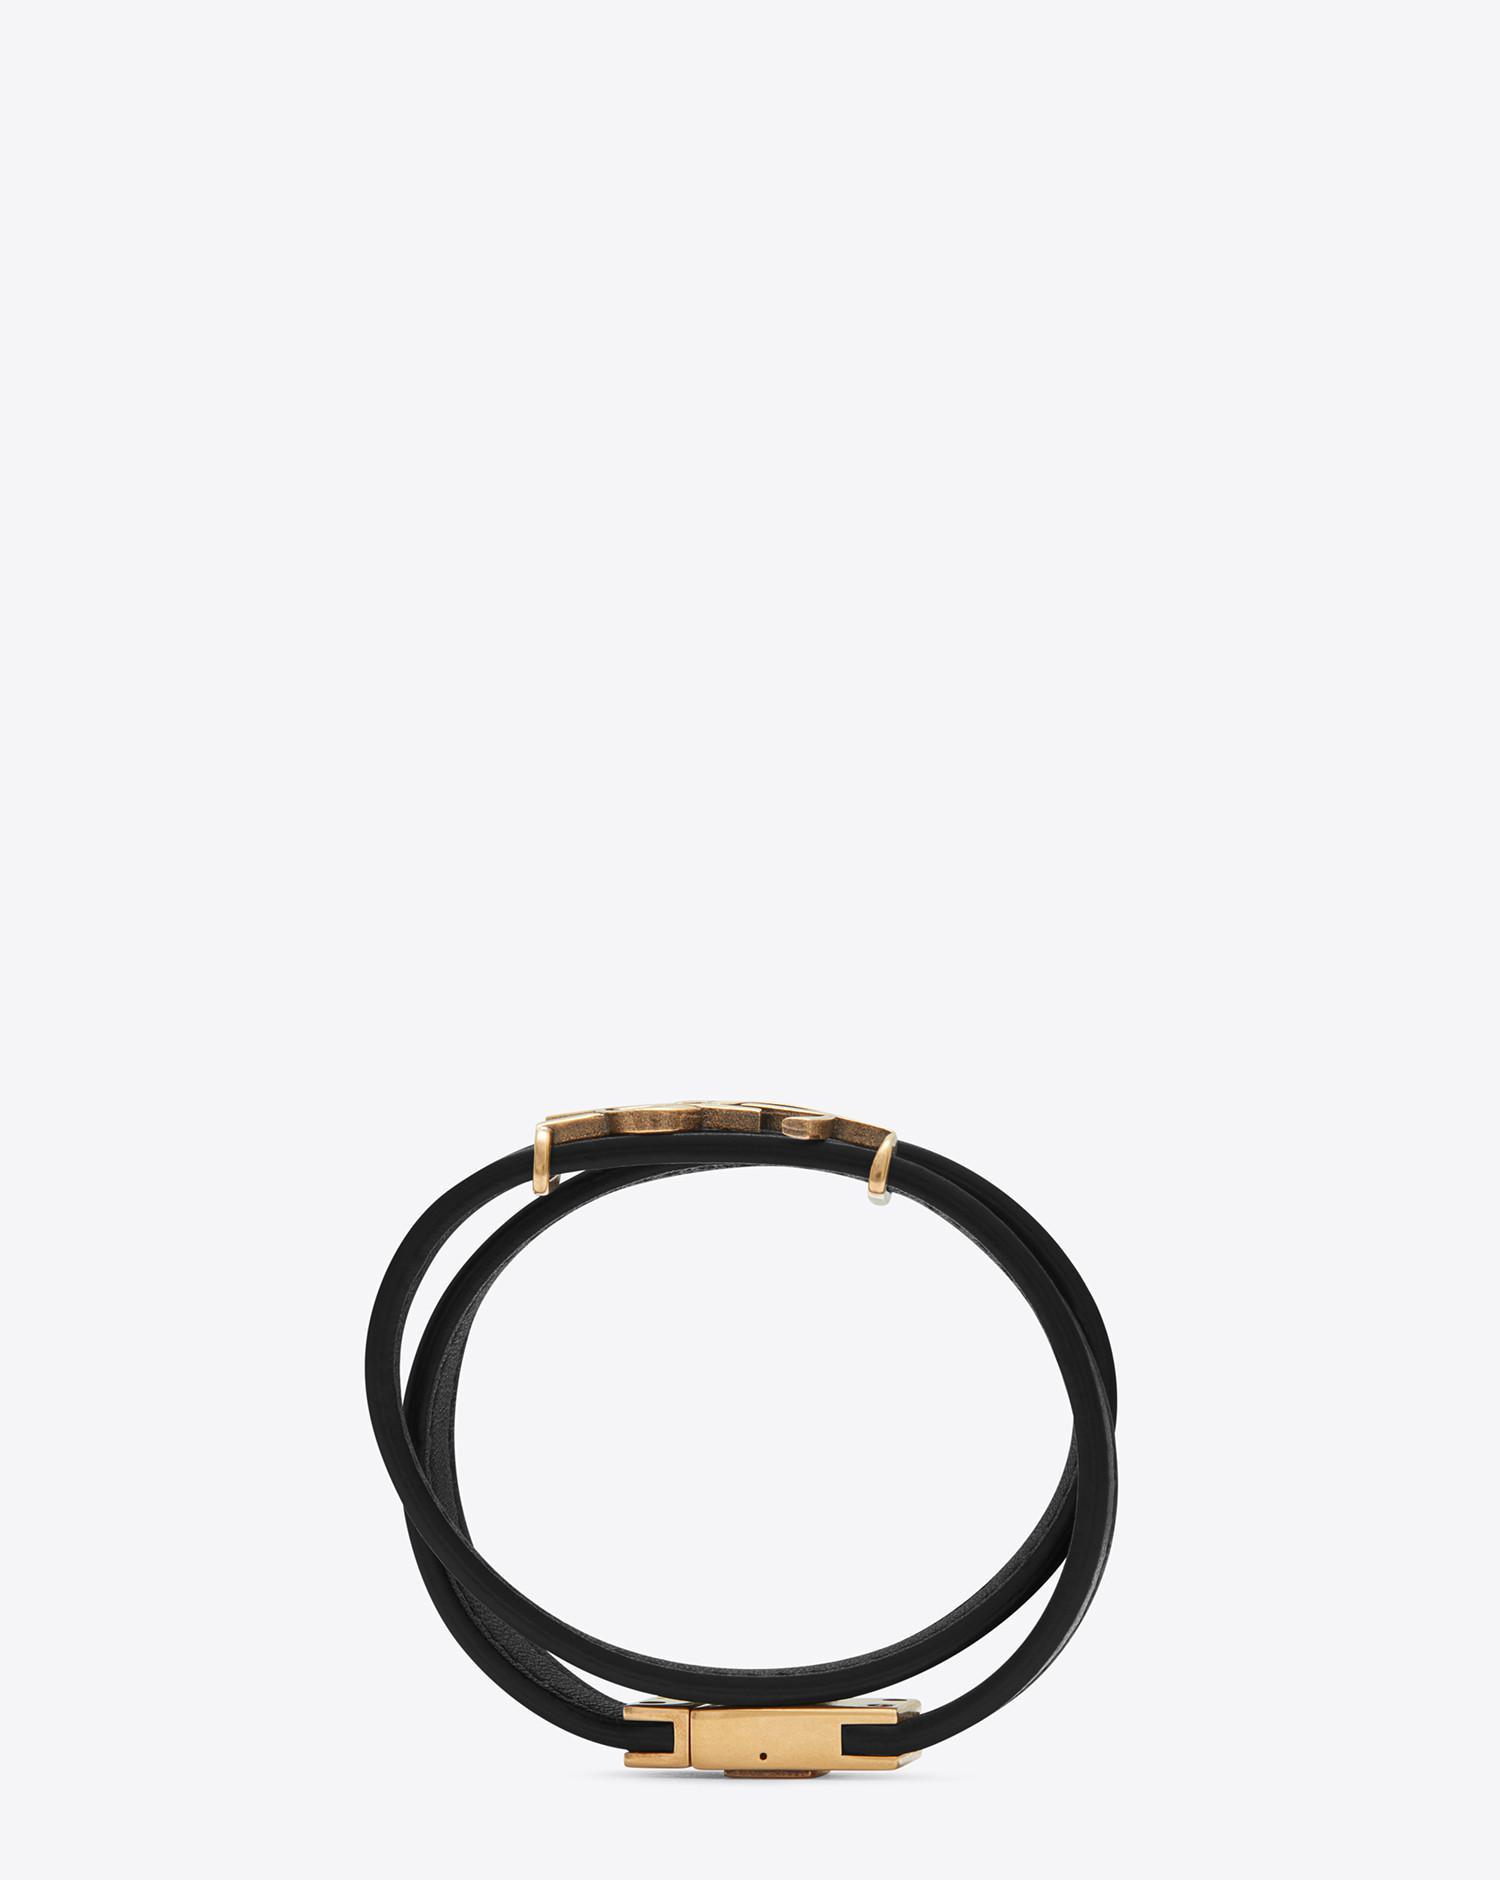 c28168de4da Saint Laurent Ysl Double Wrap Bracelet In Black Leather And Light ...